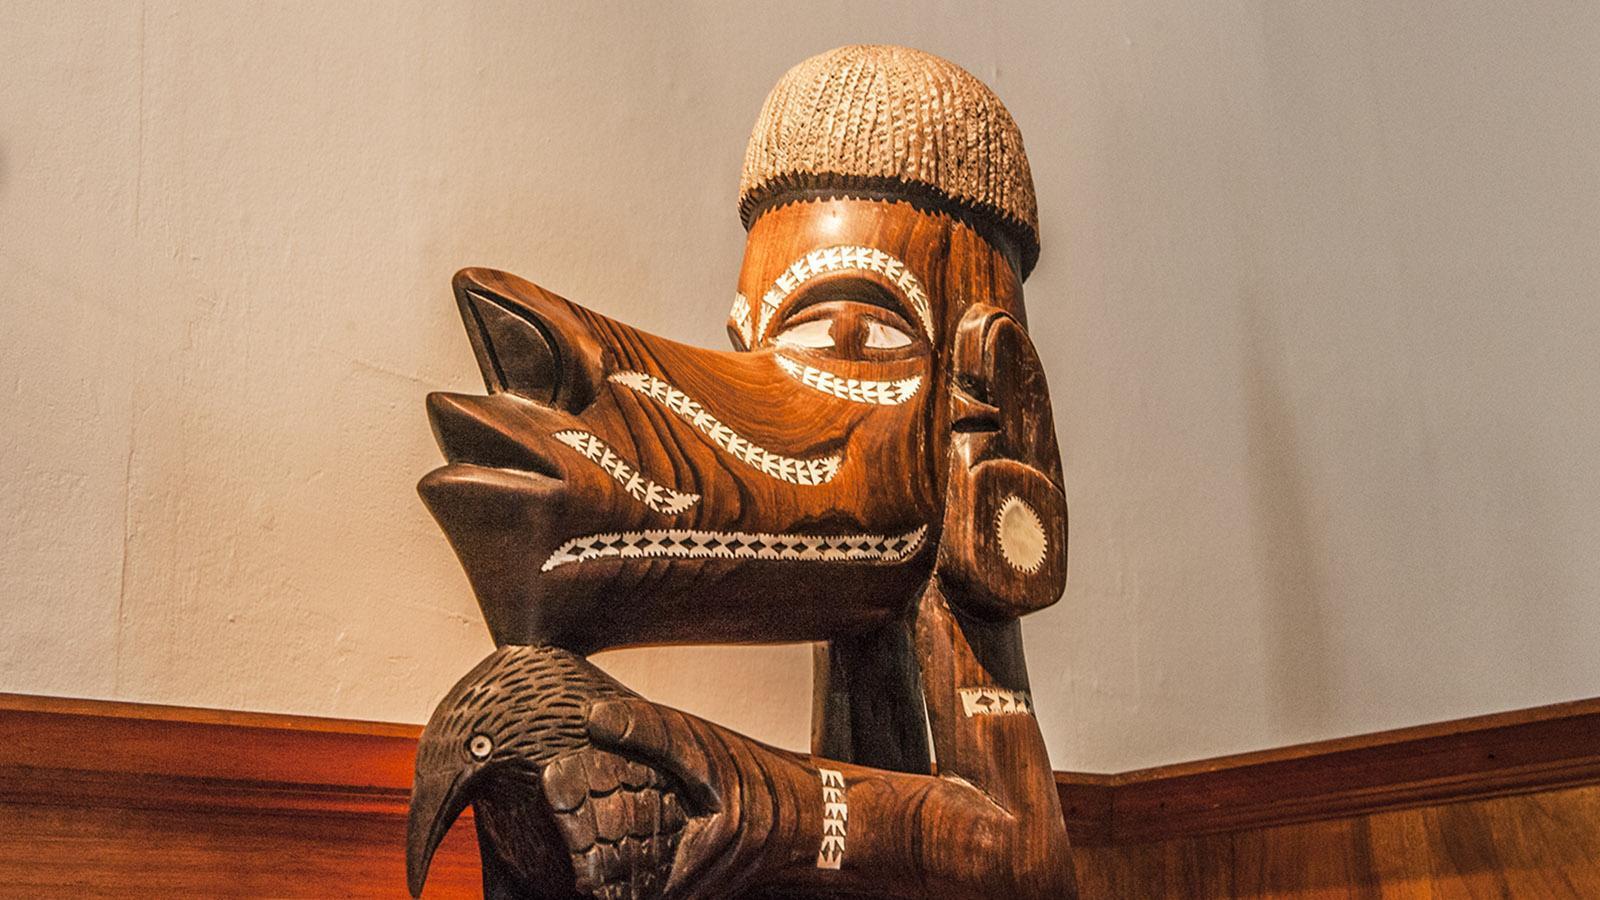 Nouméa: Kanakische Volkskunst auf einem Schrank im Château Hagen. Foto: Hilke Maunder